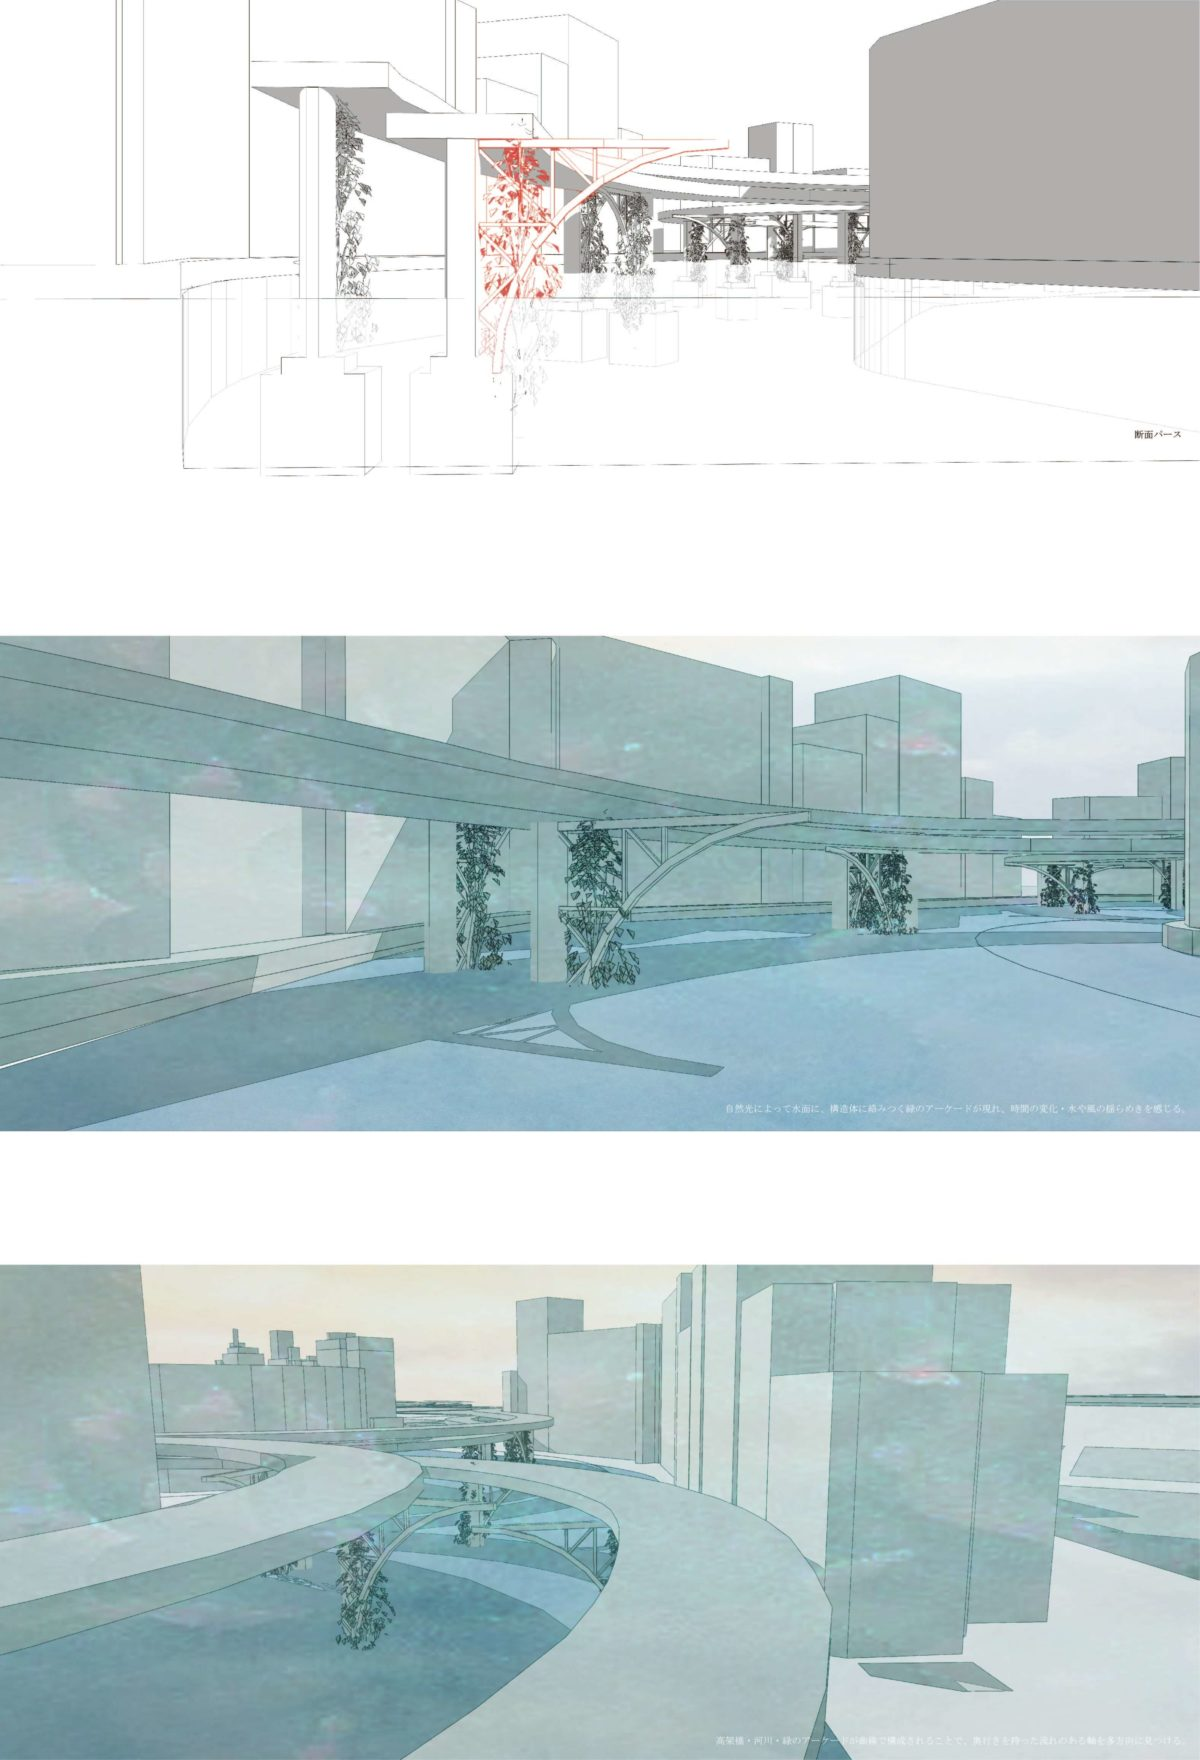 風景を想起する第五世代美術館建築 -歌川広重による名所江戸百景の分析を通して--17